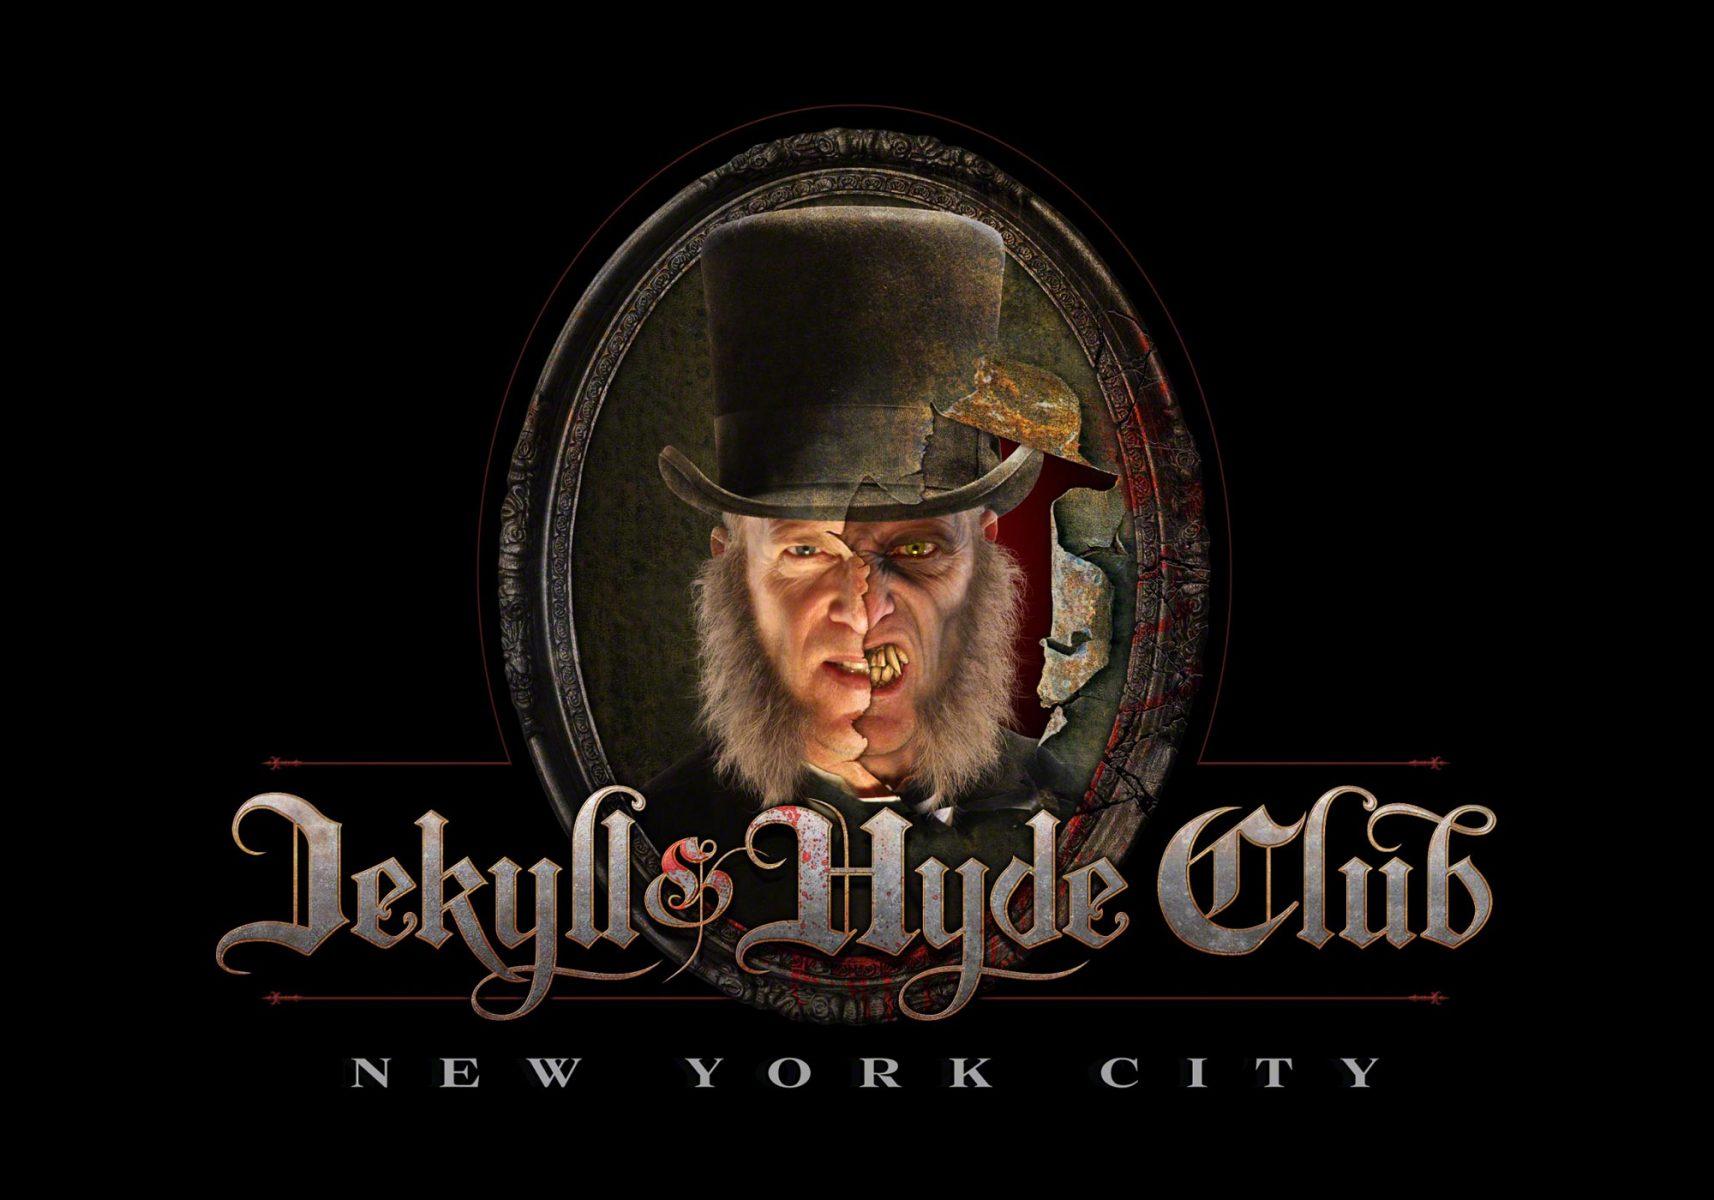 Jekyll-Hyde-Club-Logo